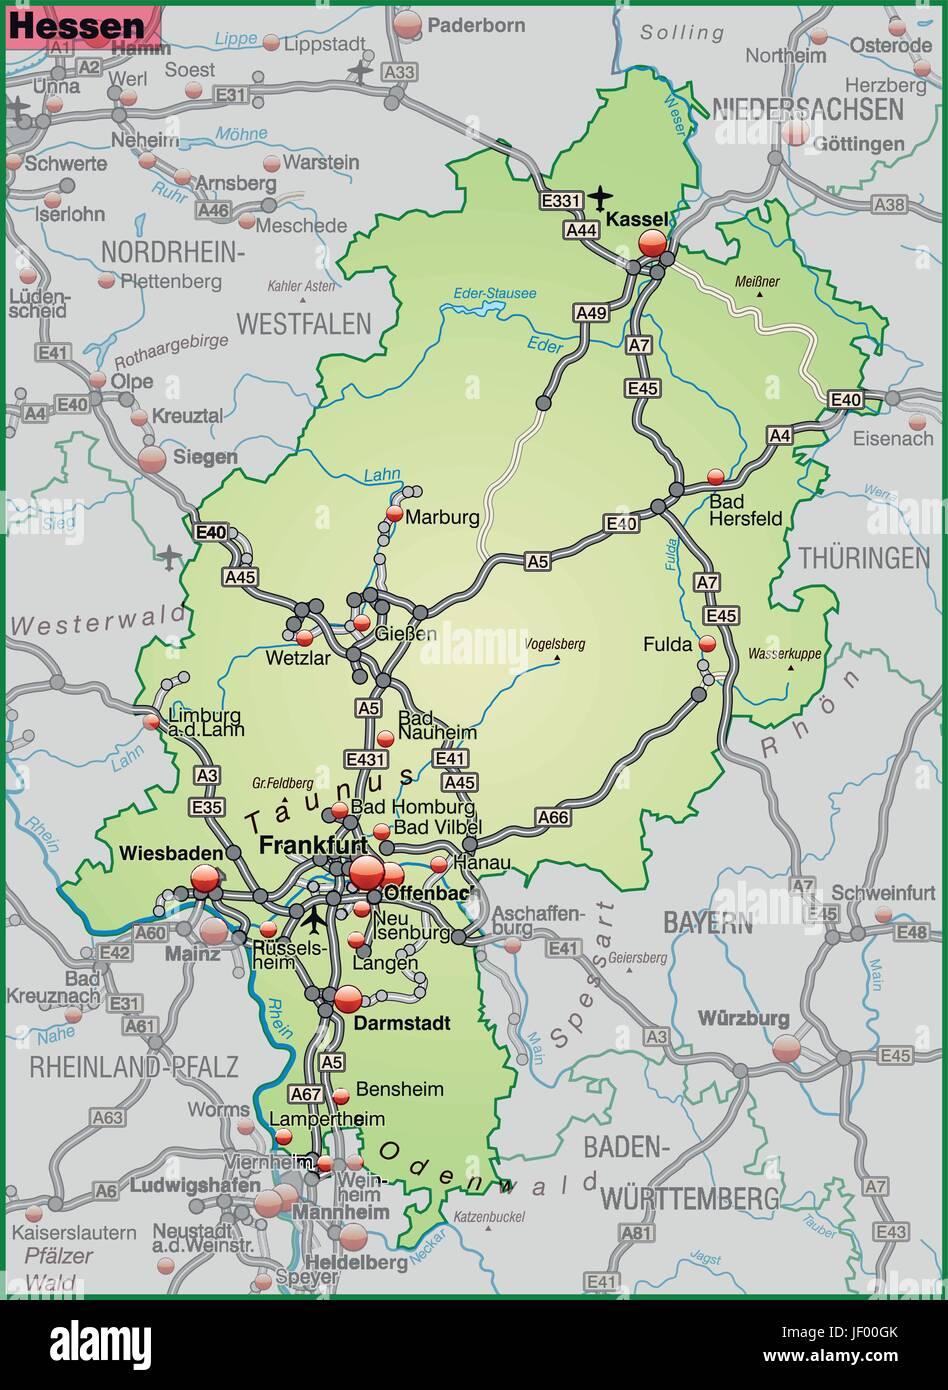 Hessen Verkehr